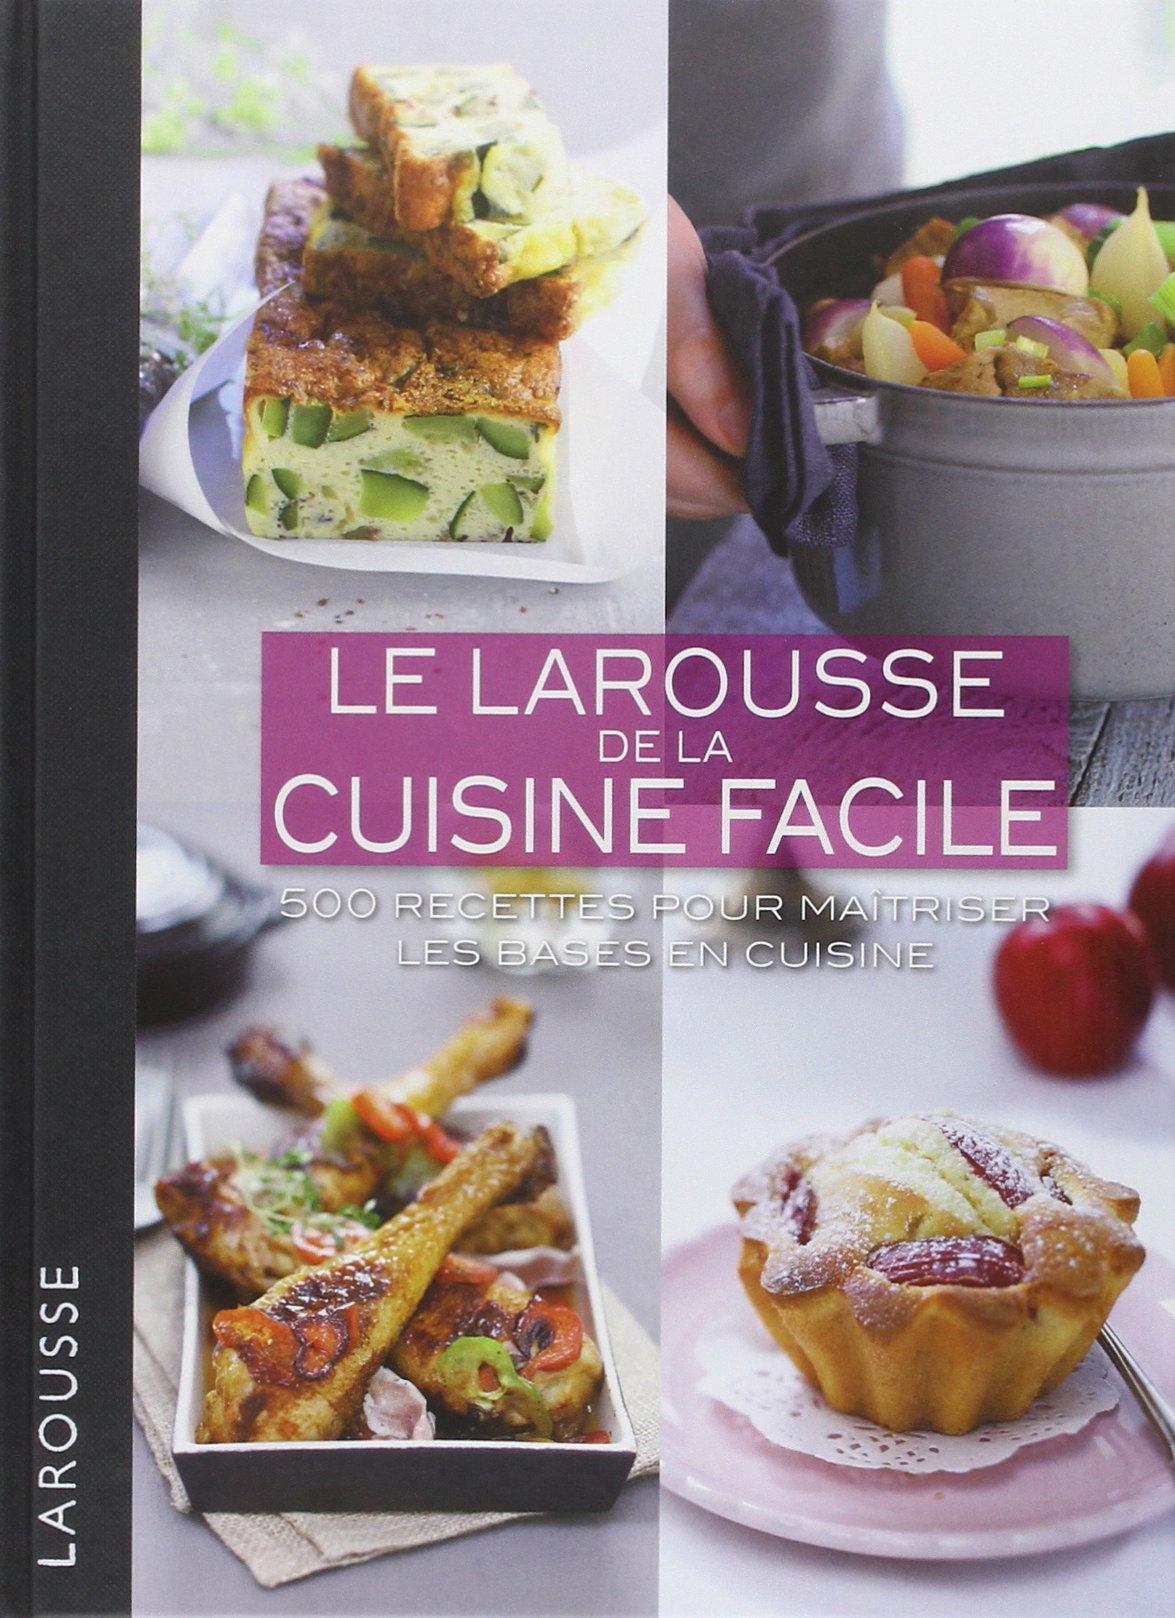 Le Larousse De La Cuisine Facile 500 Recettes Pour